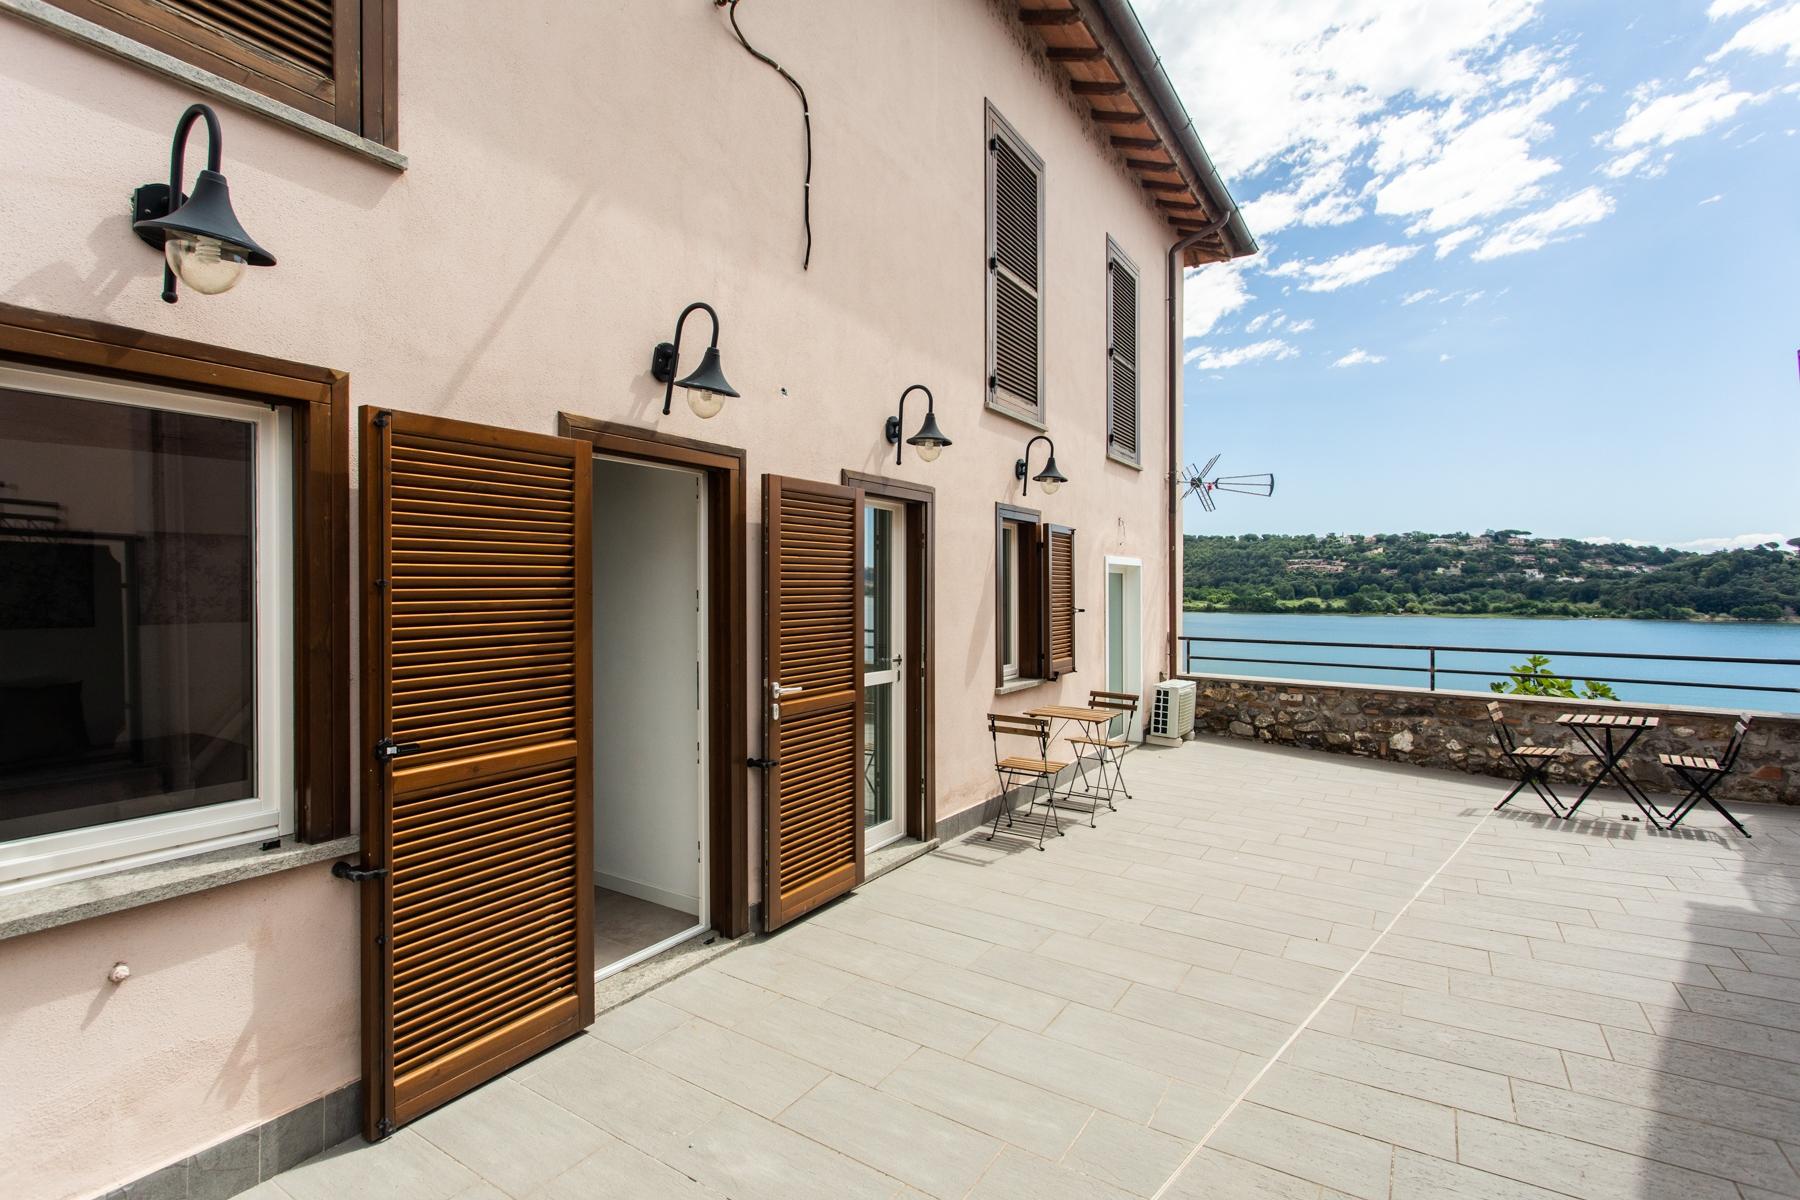 Appartamento in Vendita a Trevignano Romano: 4 locali, 85 mq - Foto 15